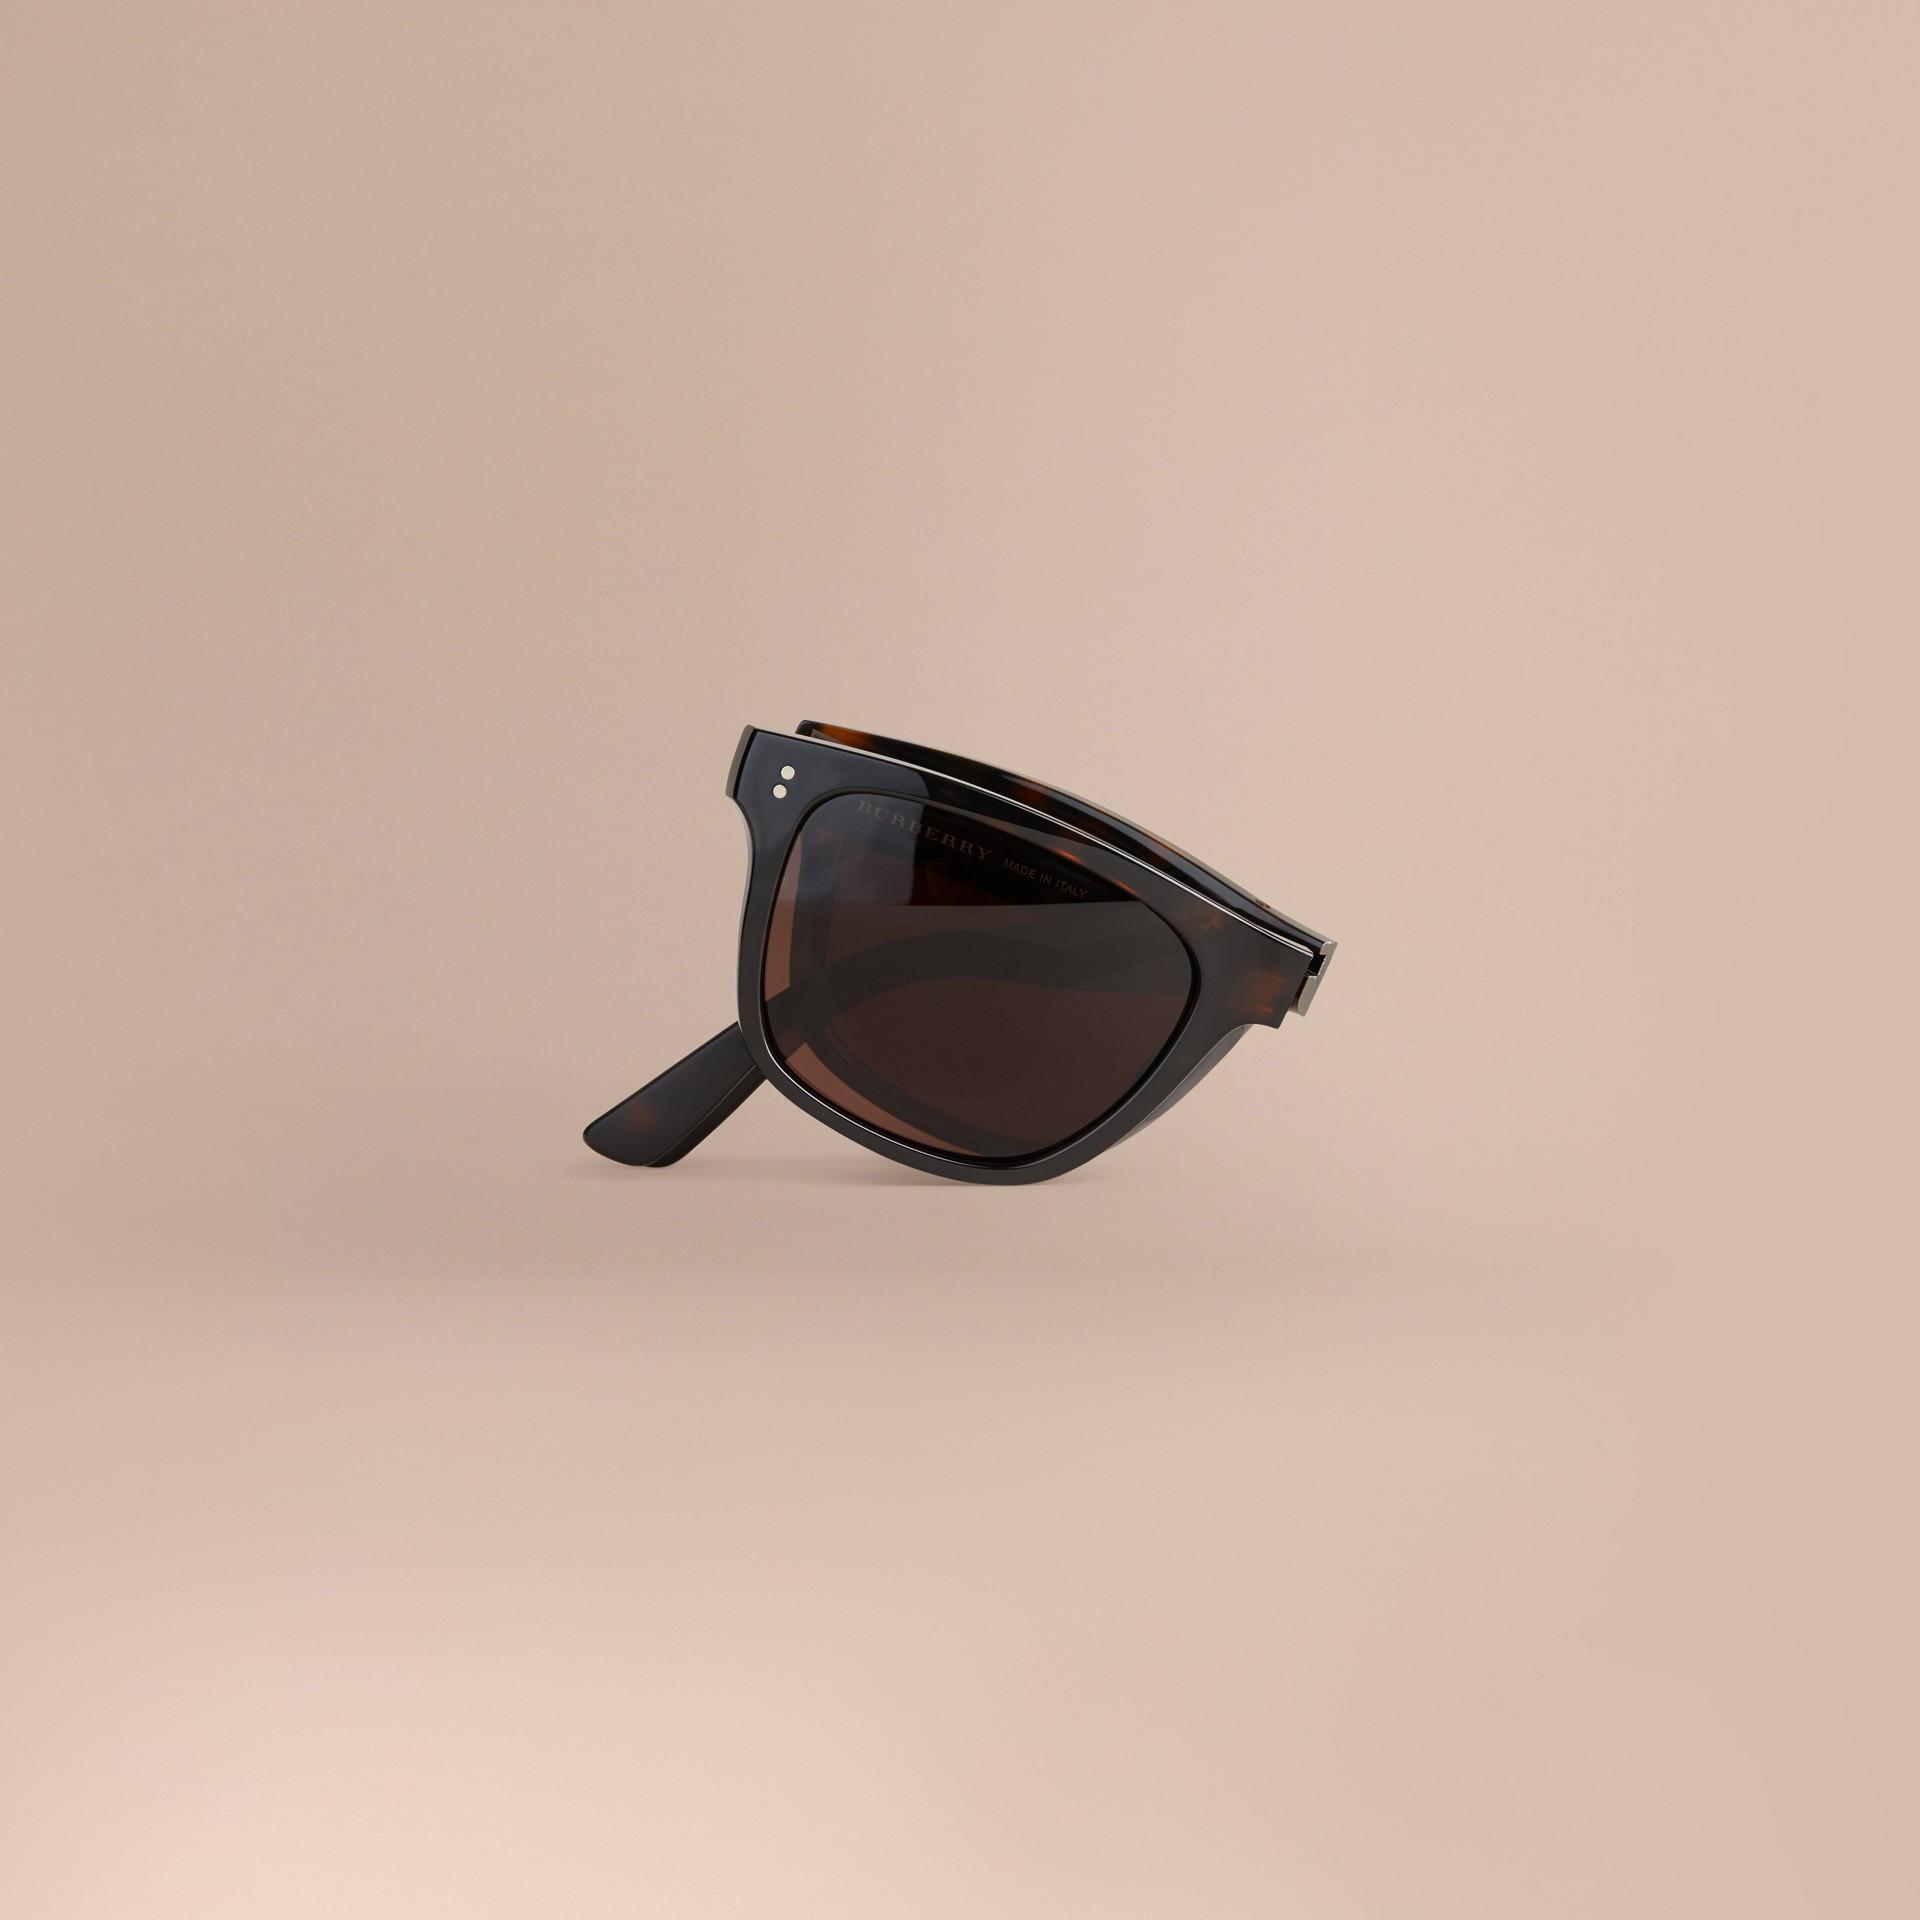 Marrone scuro Occhiali da sole con montatura rettangolare pieghevole Marrone Scuro - immagine della galleria 2